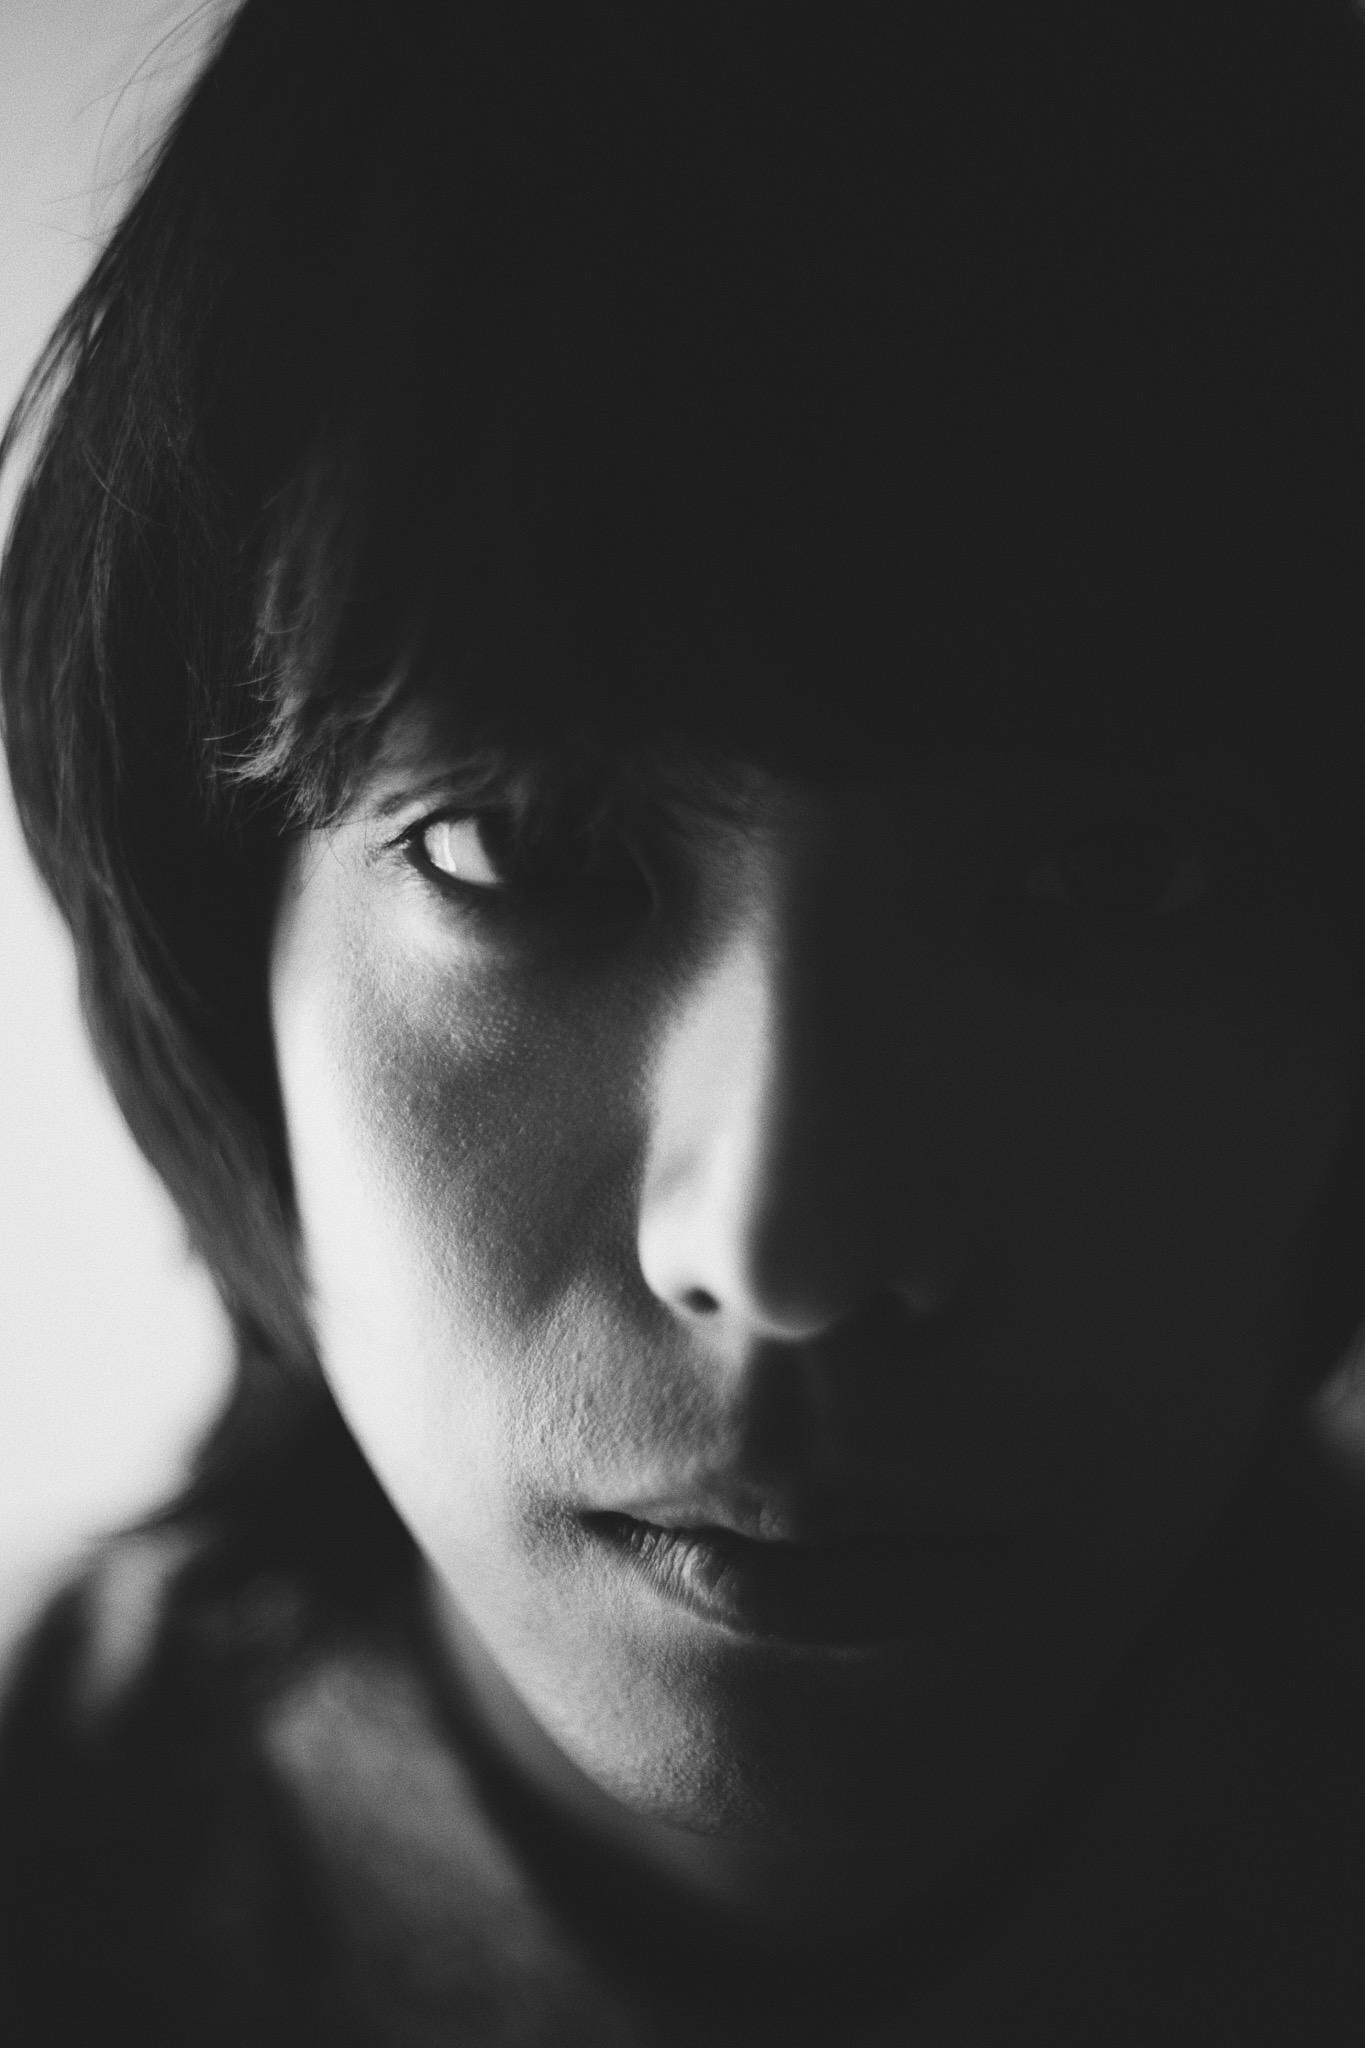 黒羽麻璃央「理想はカメレオン俳優」 26歳になった彼が見つけた宝物とは イメージ画像